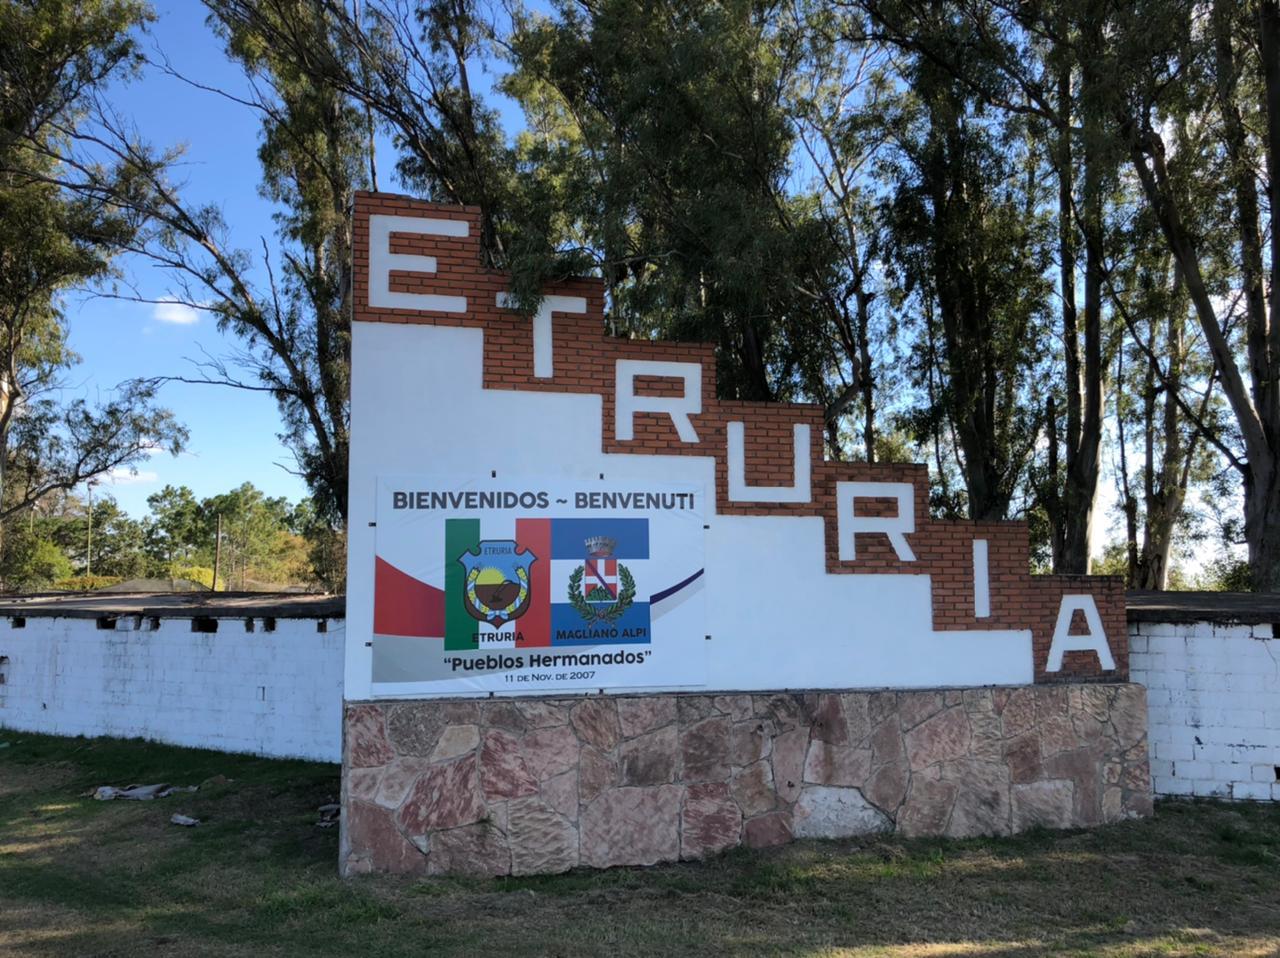 Etruria - Portada